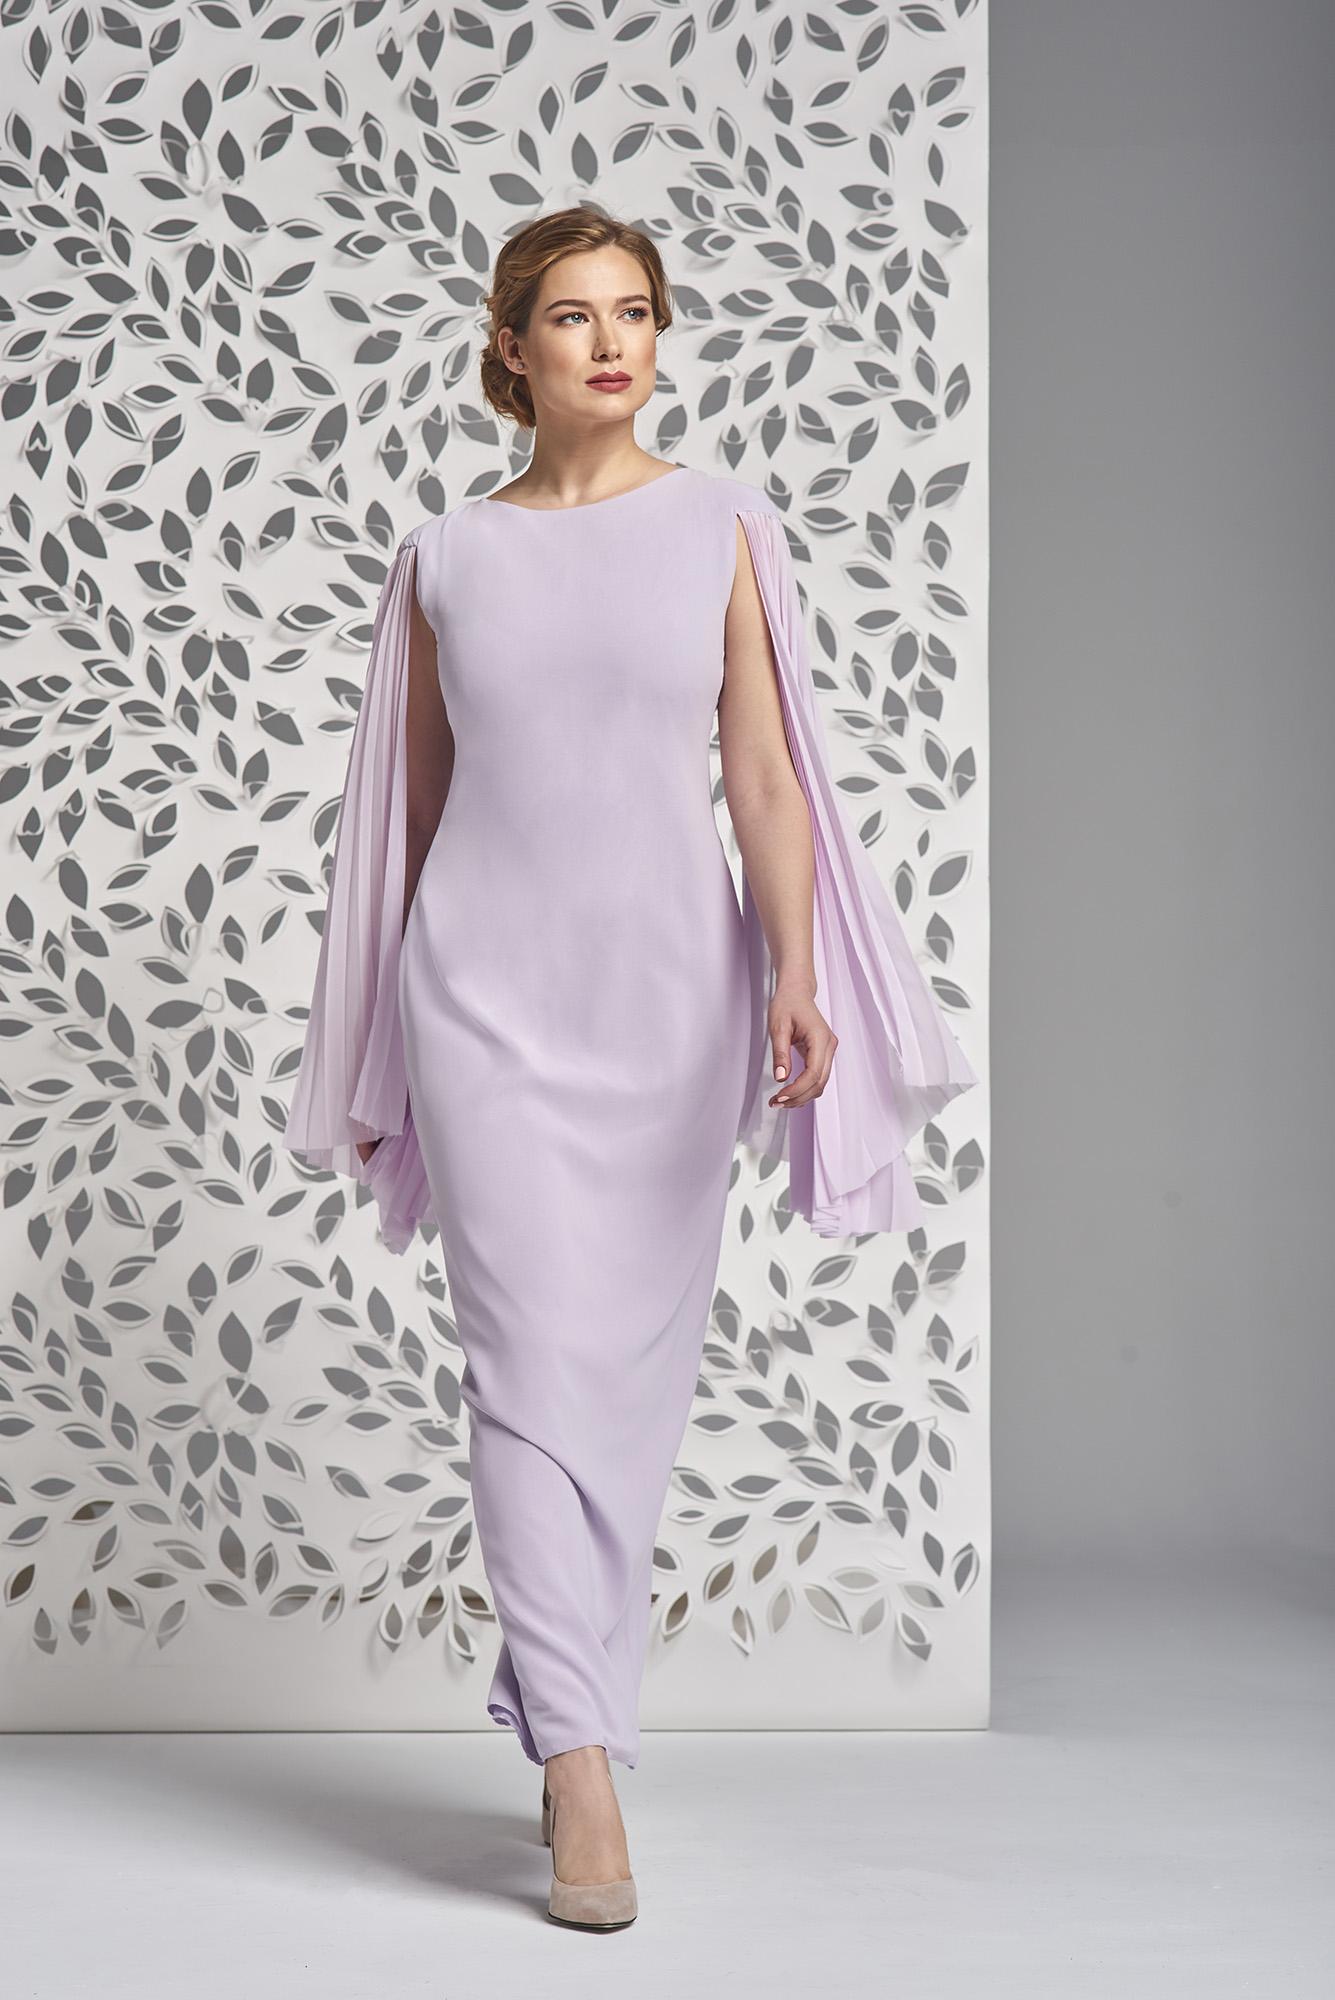 Sukienki Dla Matki Panny Młodej Trendy ślubne Wiosna Lato